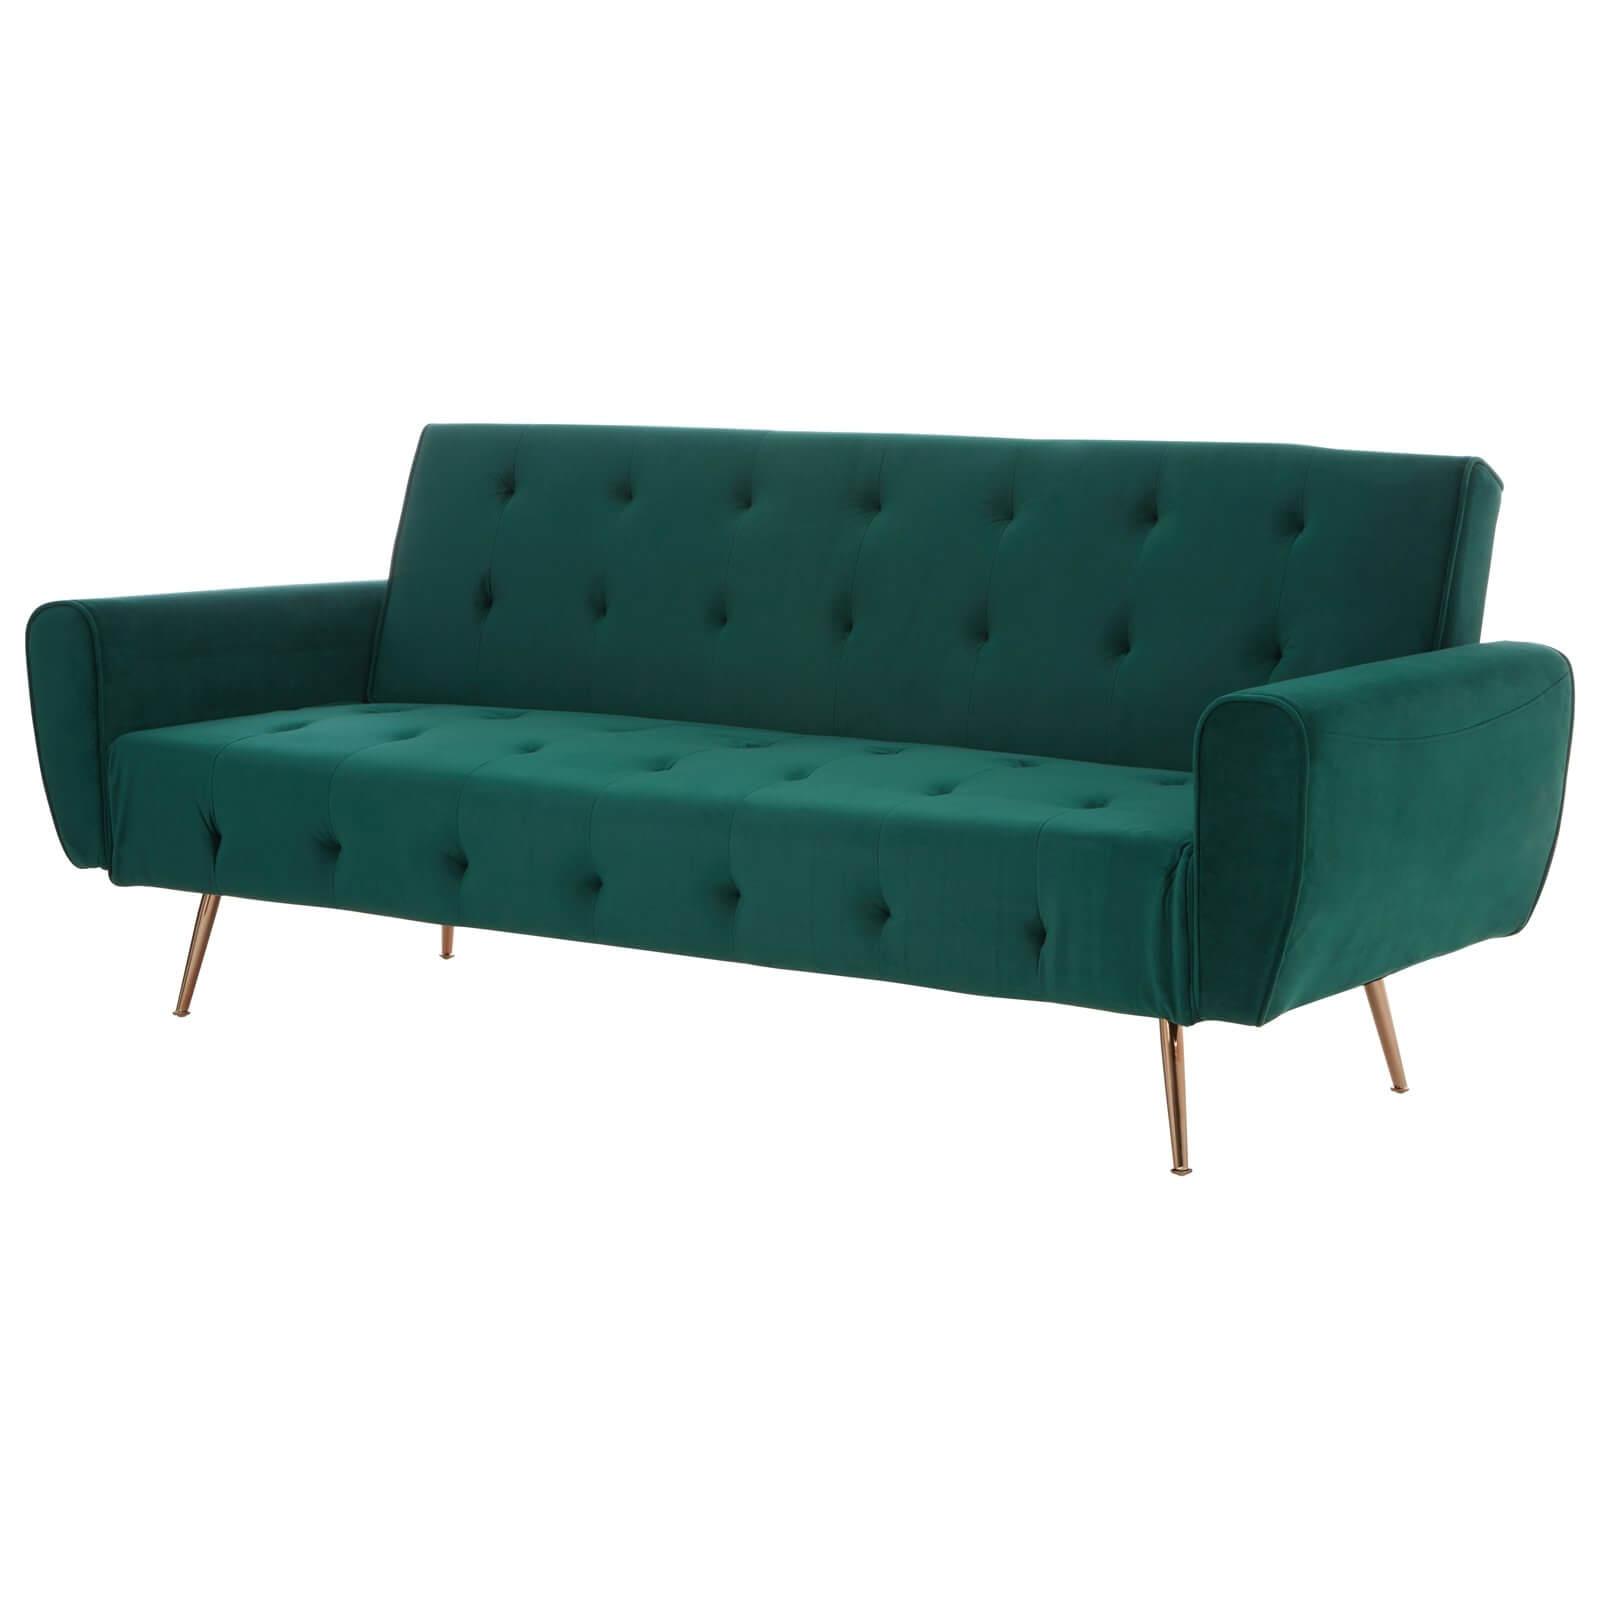 Bowery Sofa Bed - Green Velvet